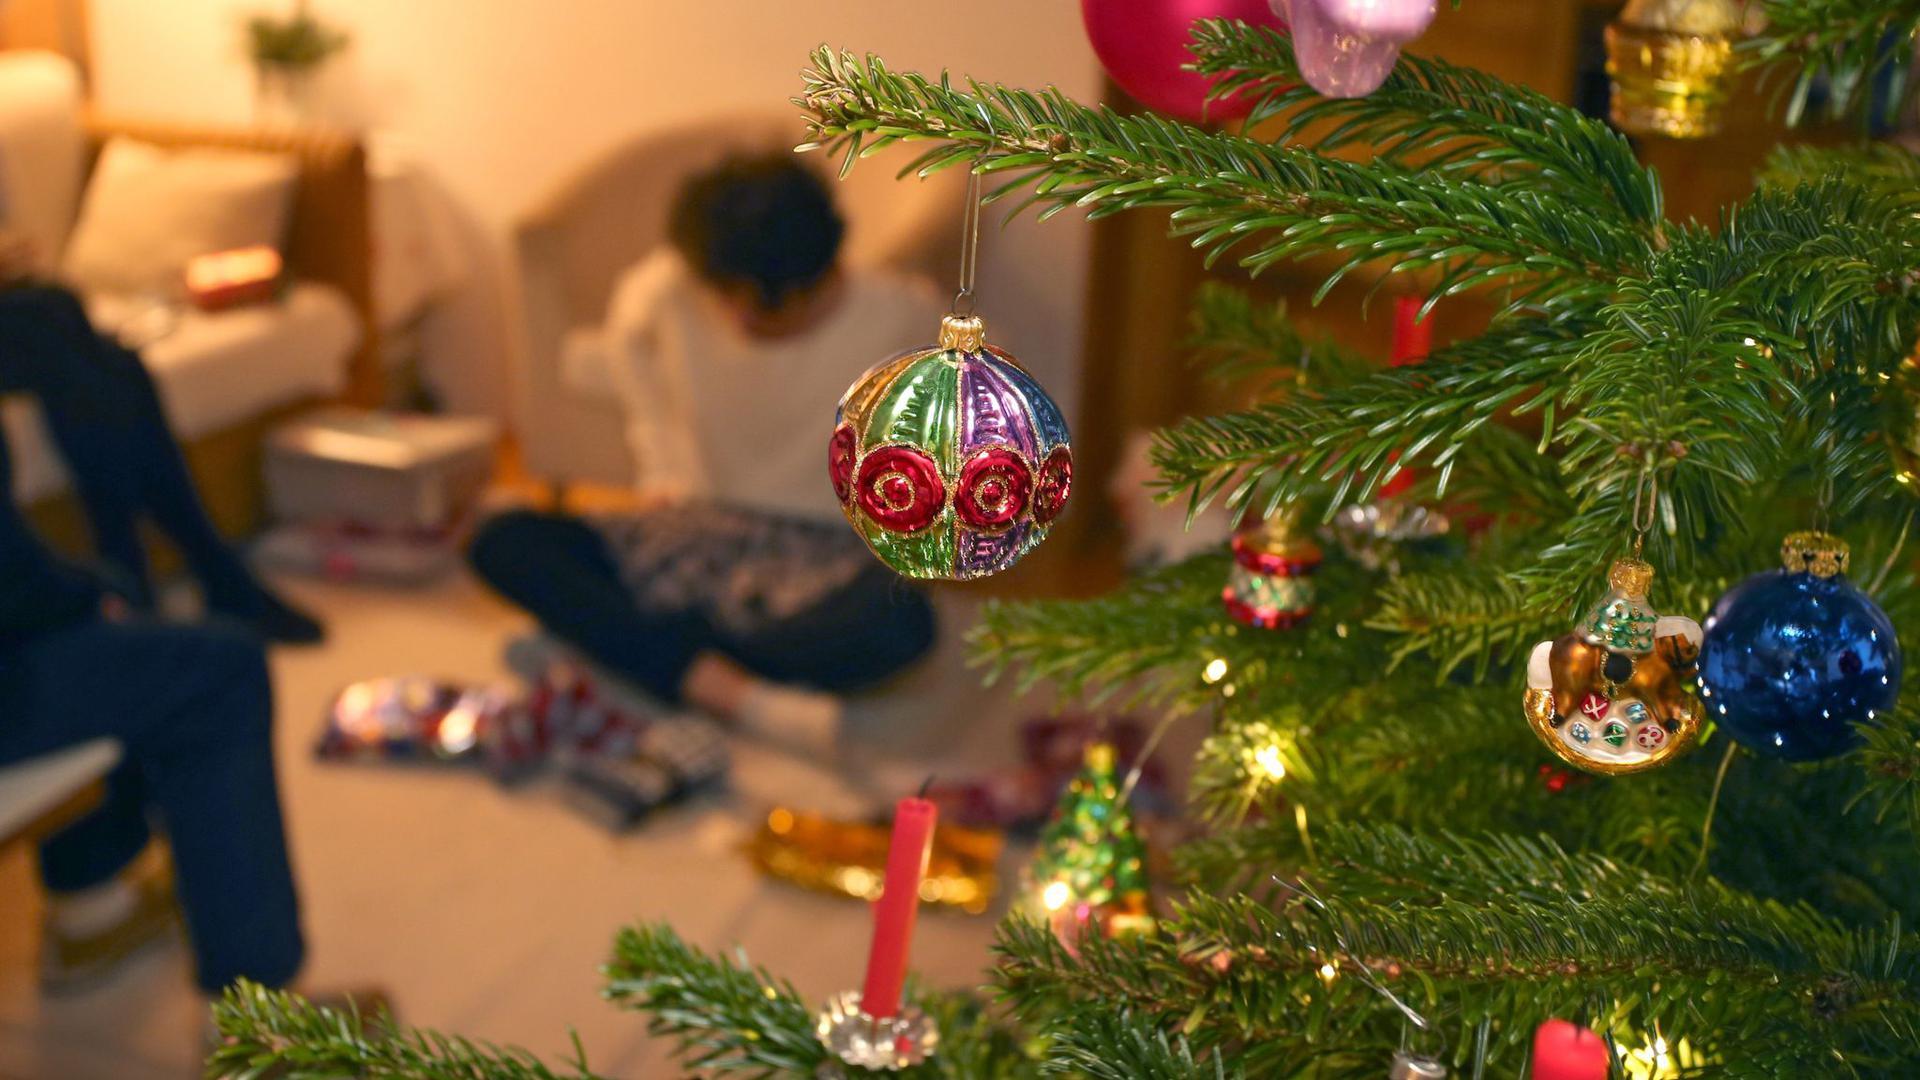 Auch im Corona-Jahr sollen Familien unter einem geschmücktem Weihnachtsbaum gemeinsam Geschenke auspacken können.